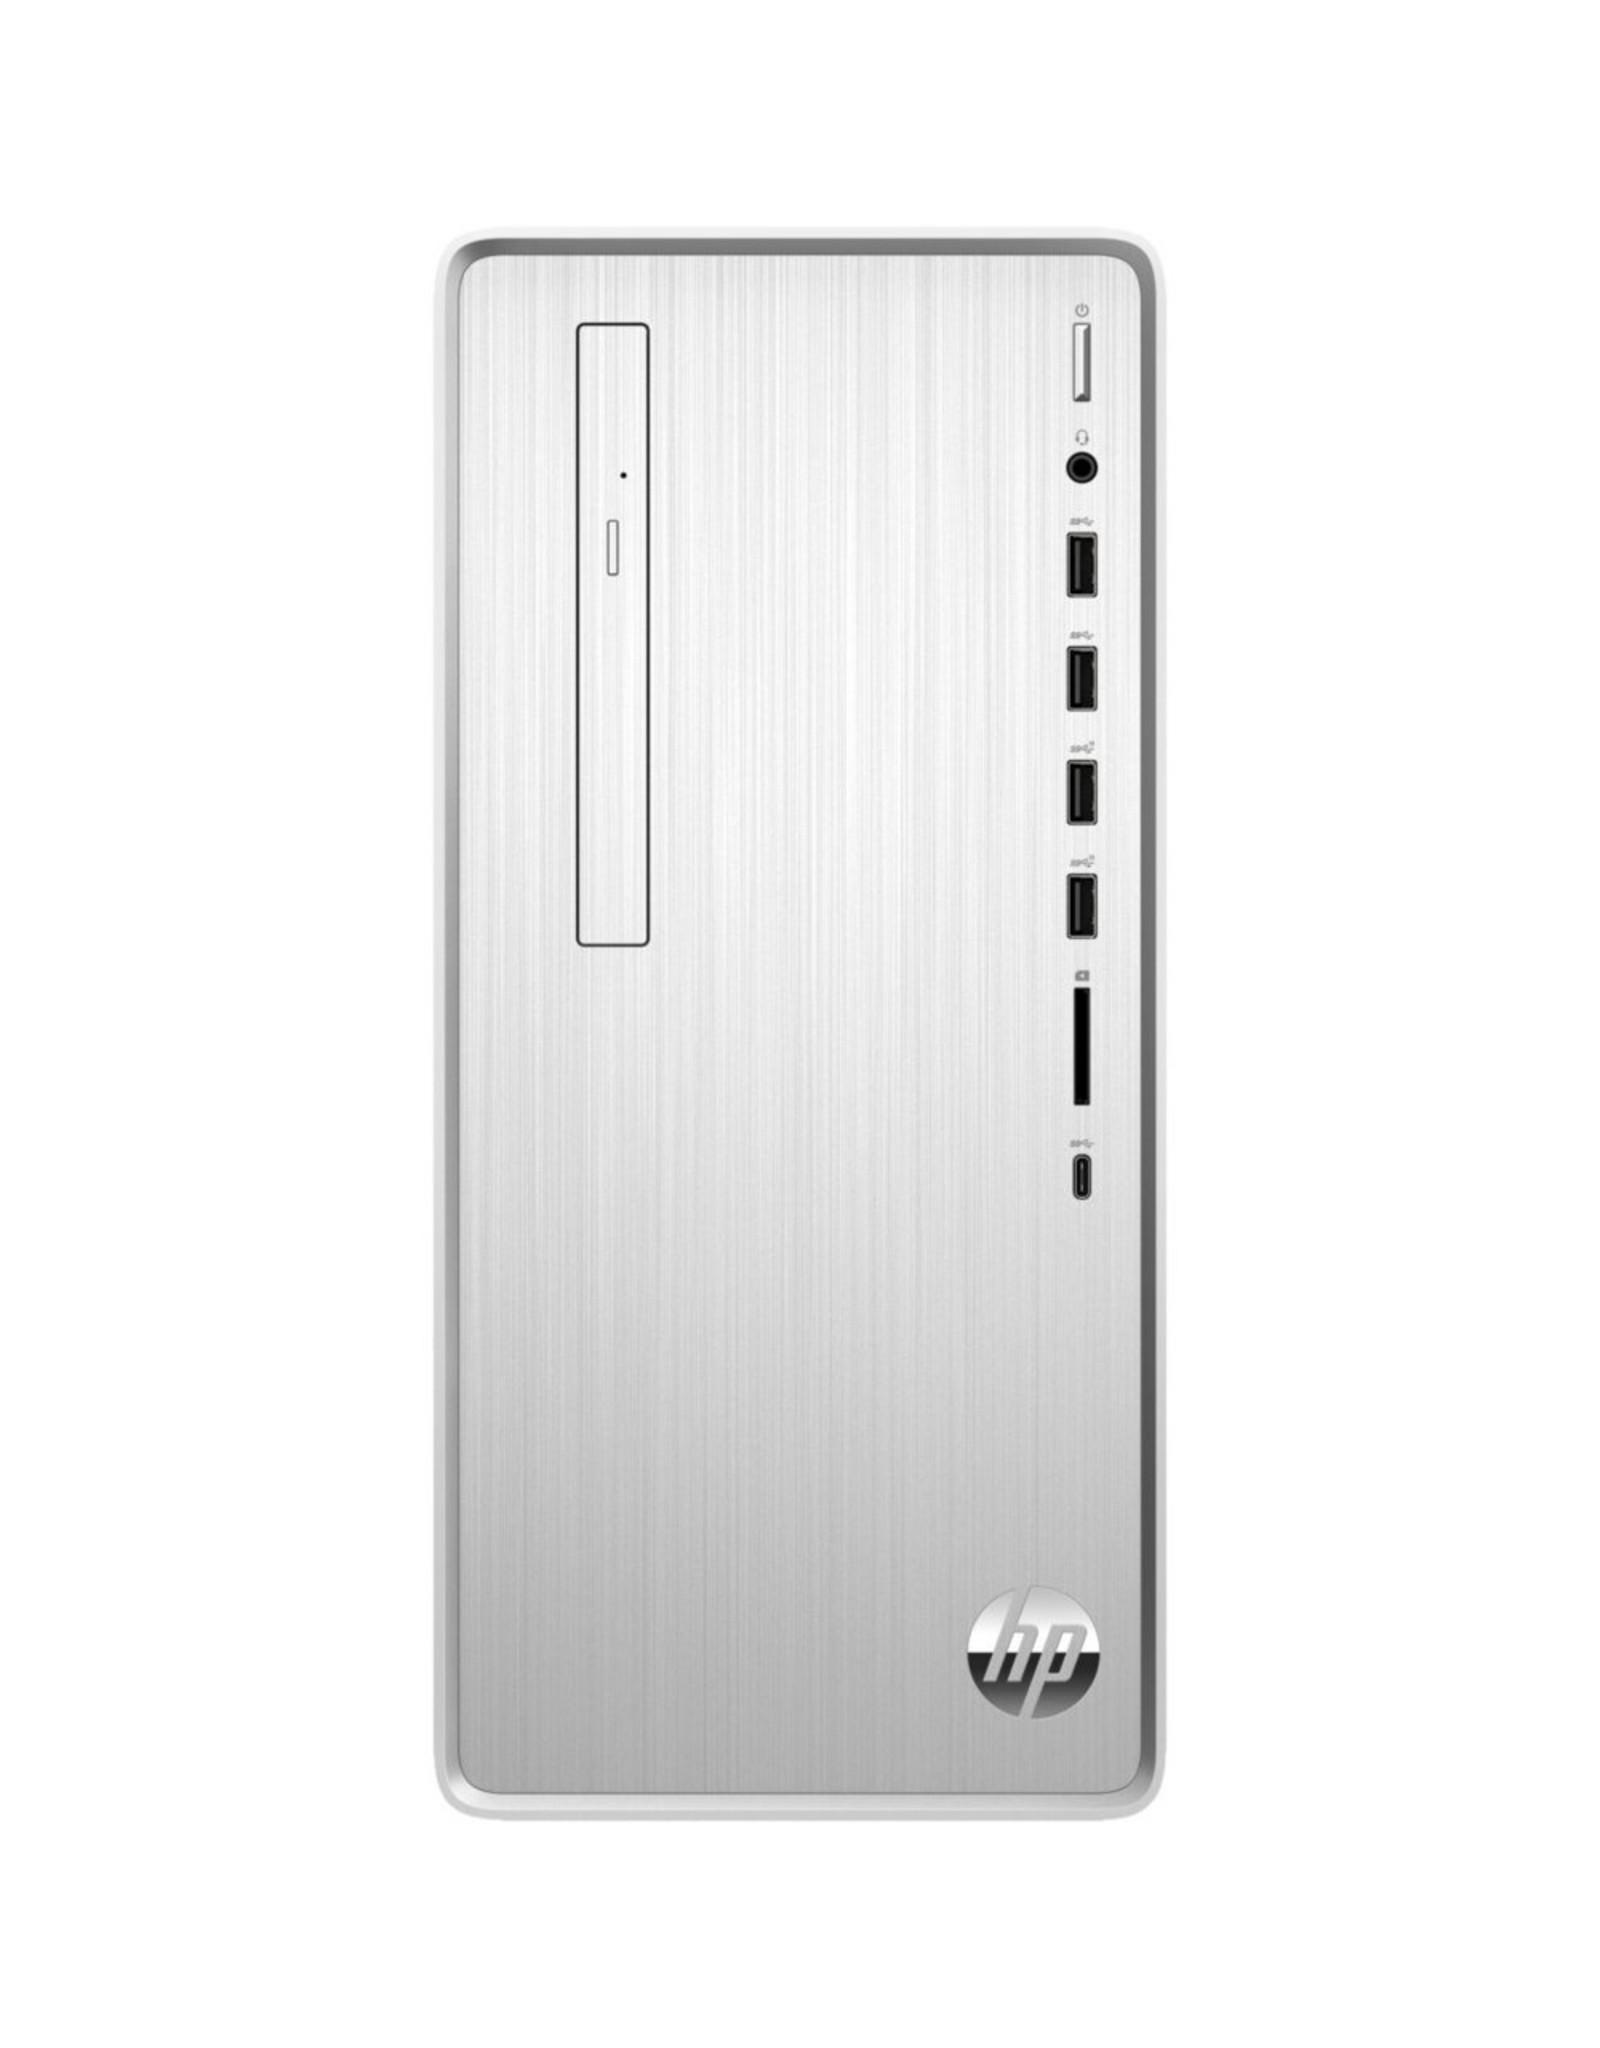 Hewlett Packard HP Pav. Desk.  Ryzen 7 4700G / 16GB / 512GB / DVD /  W10 PRO